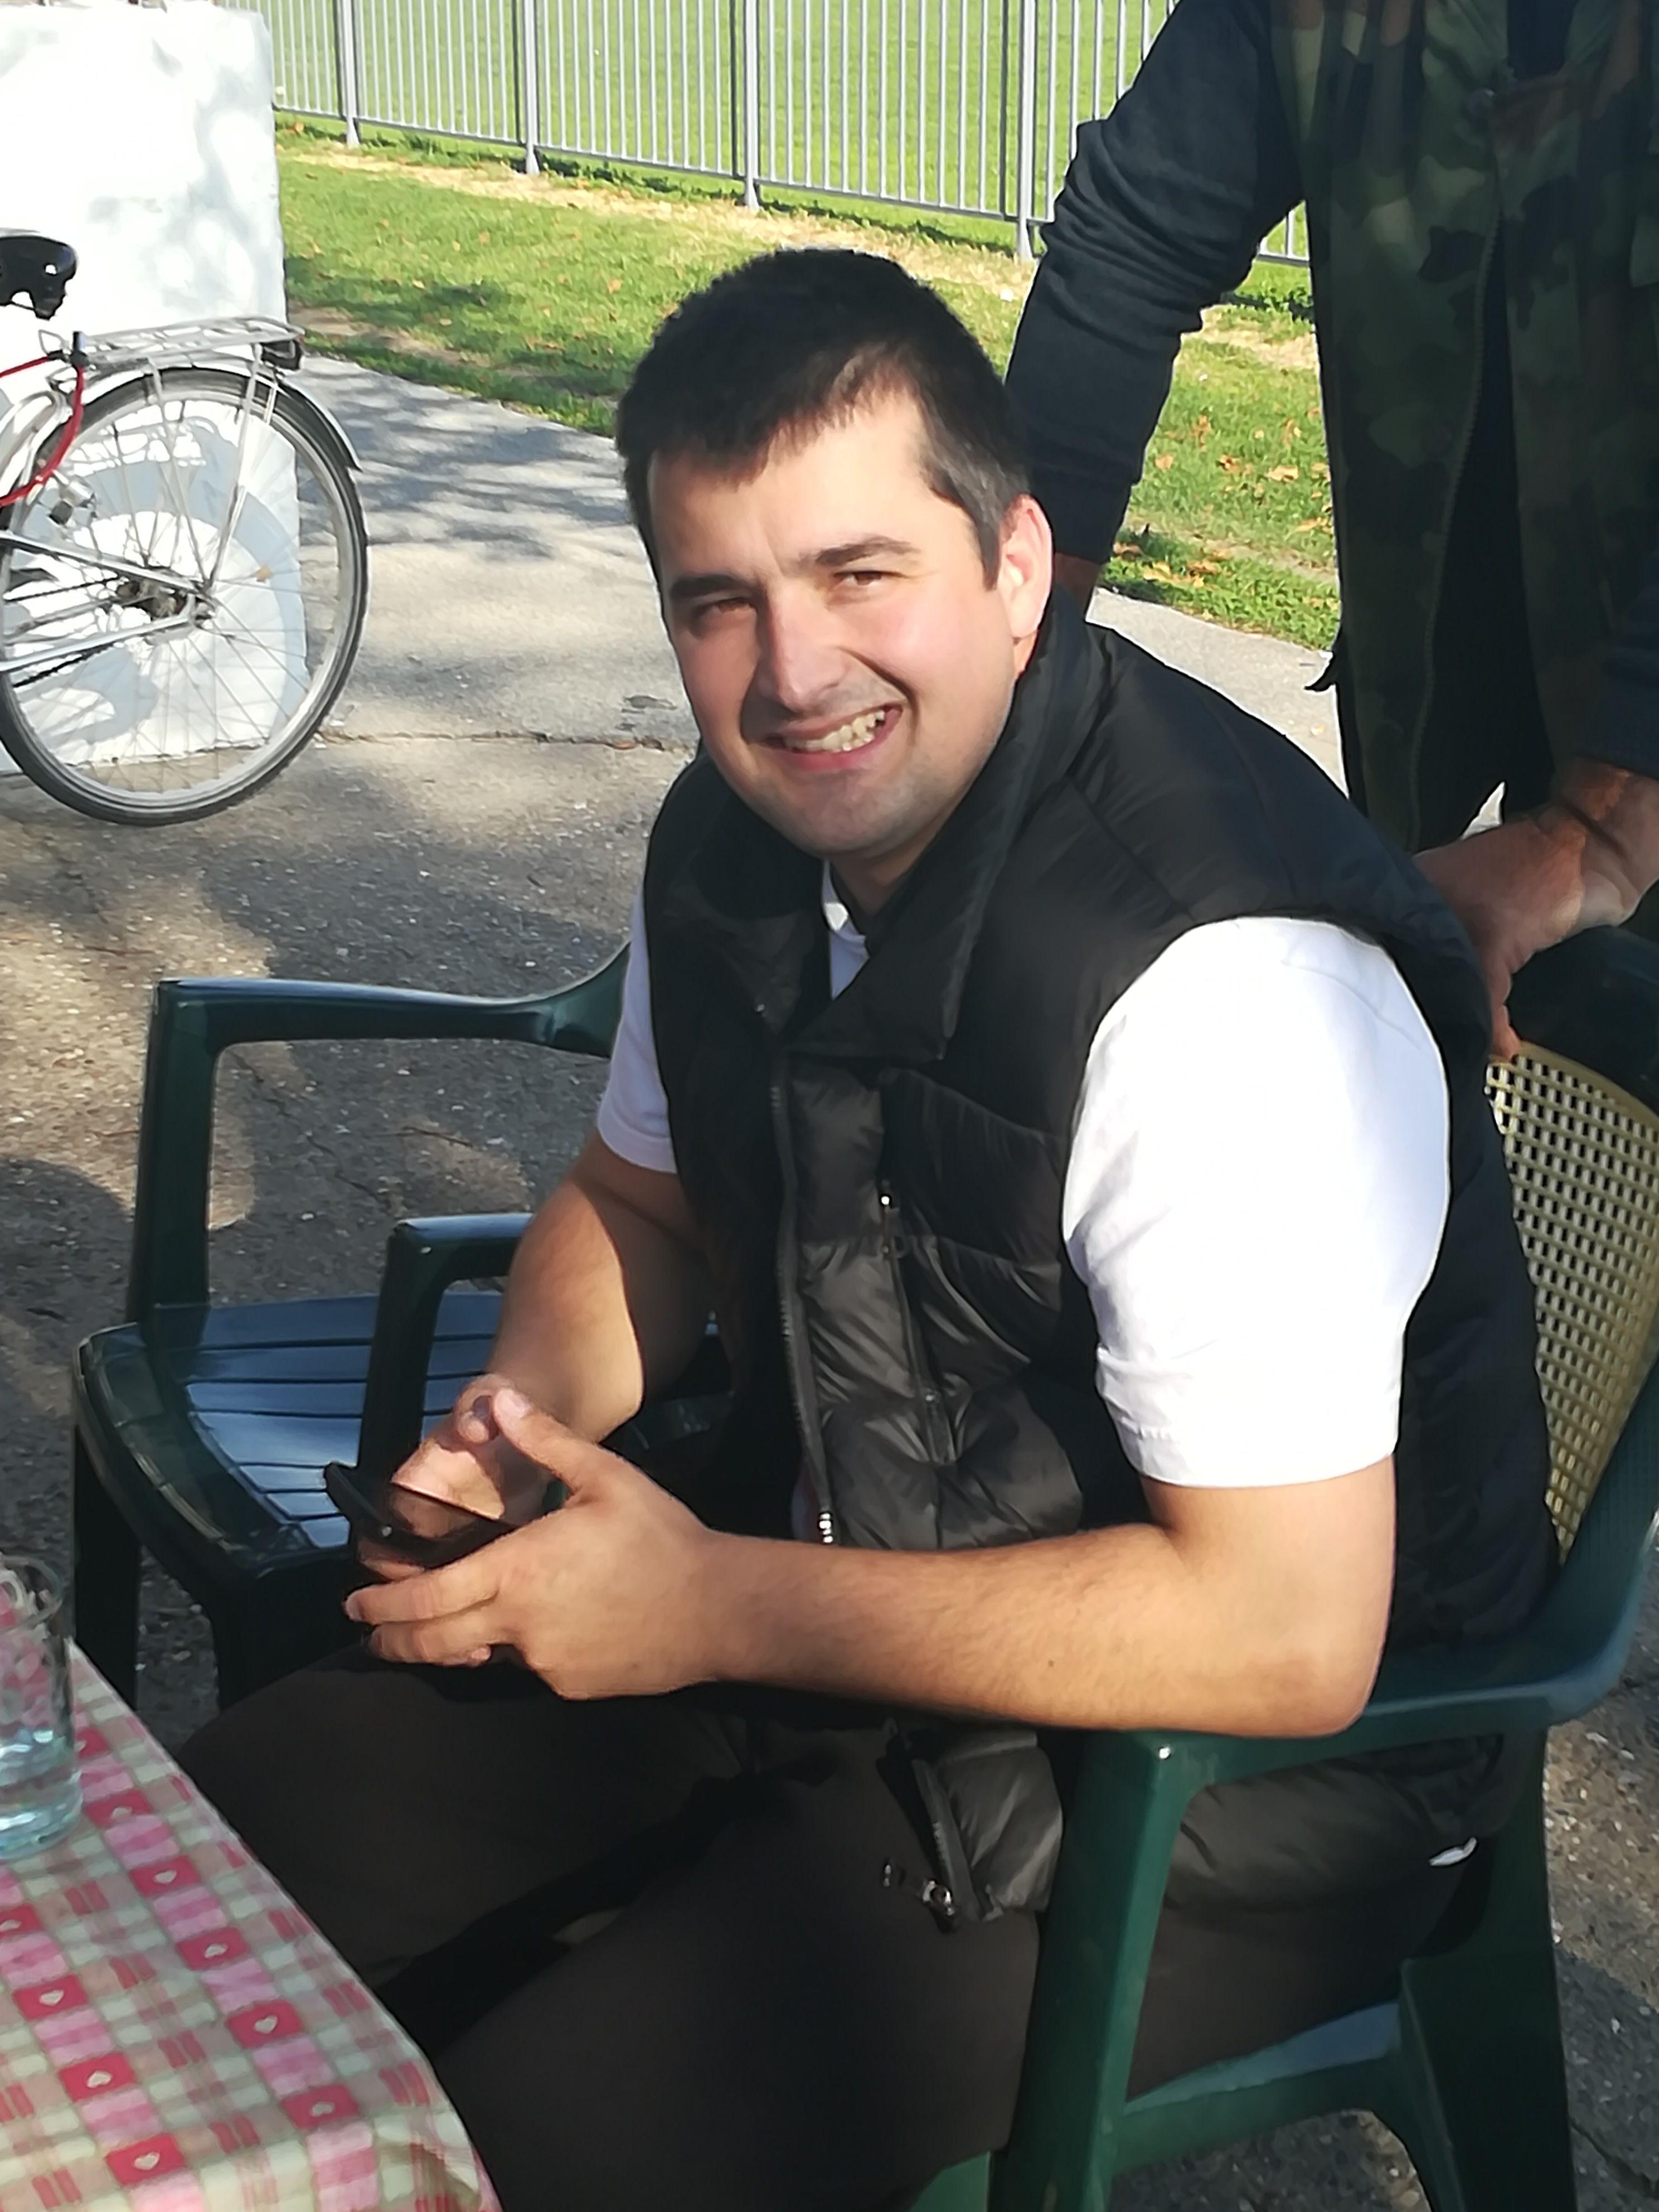 Petar Boronjac